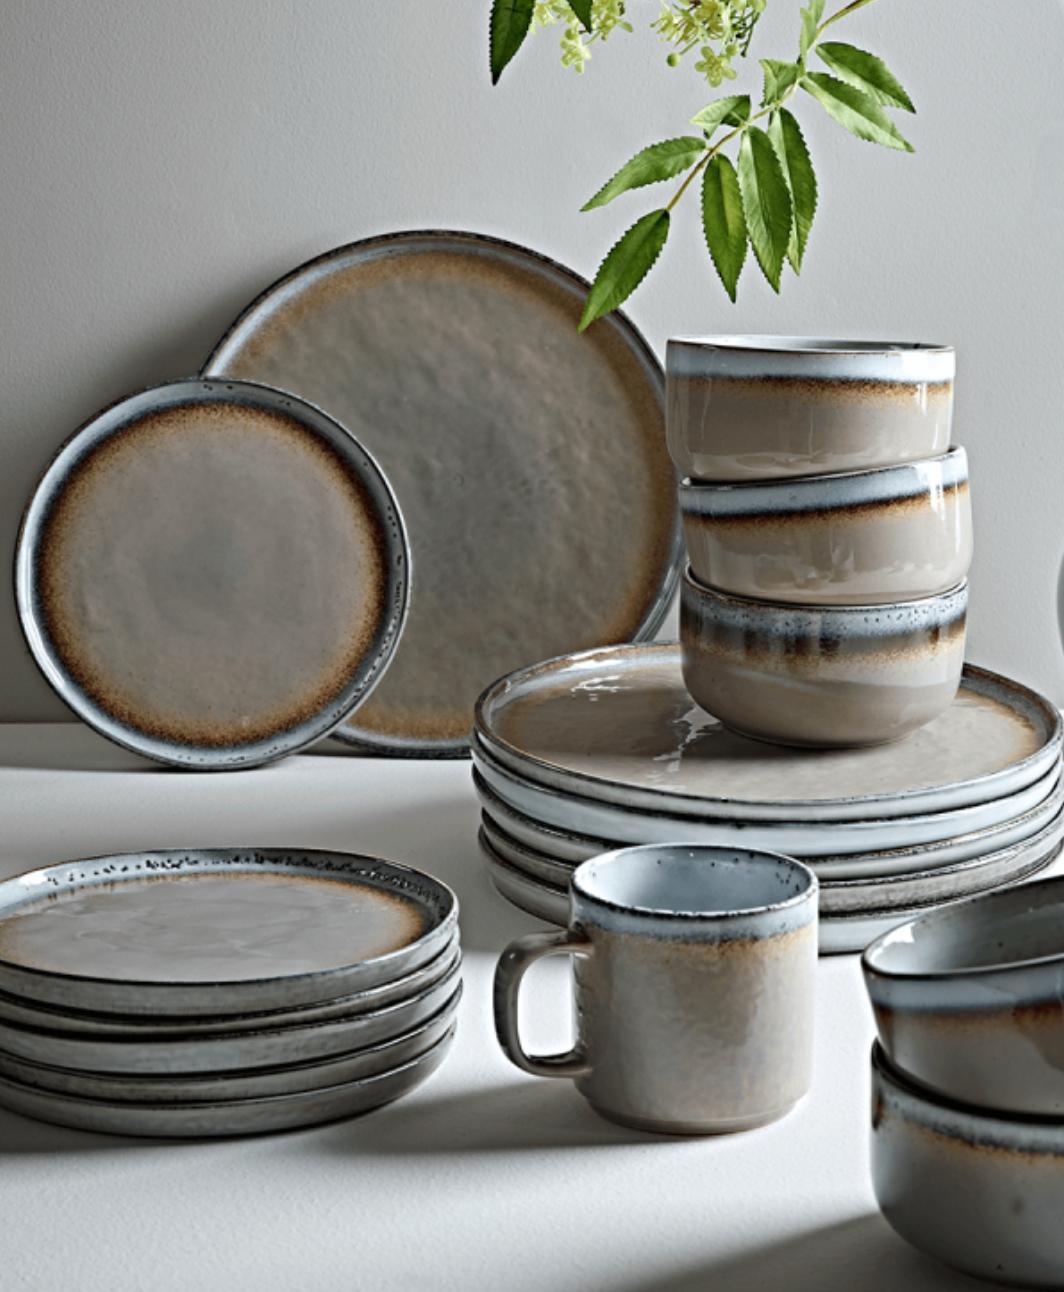 Pottery plates Dish set Ceramic plates